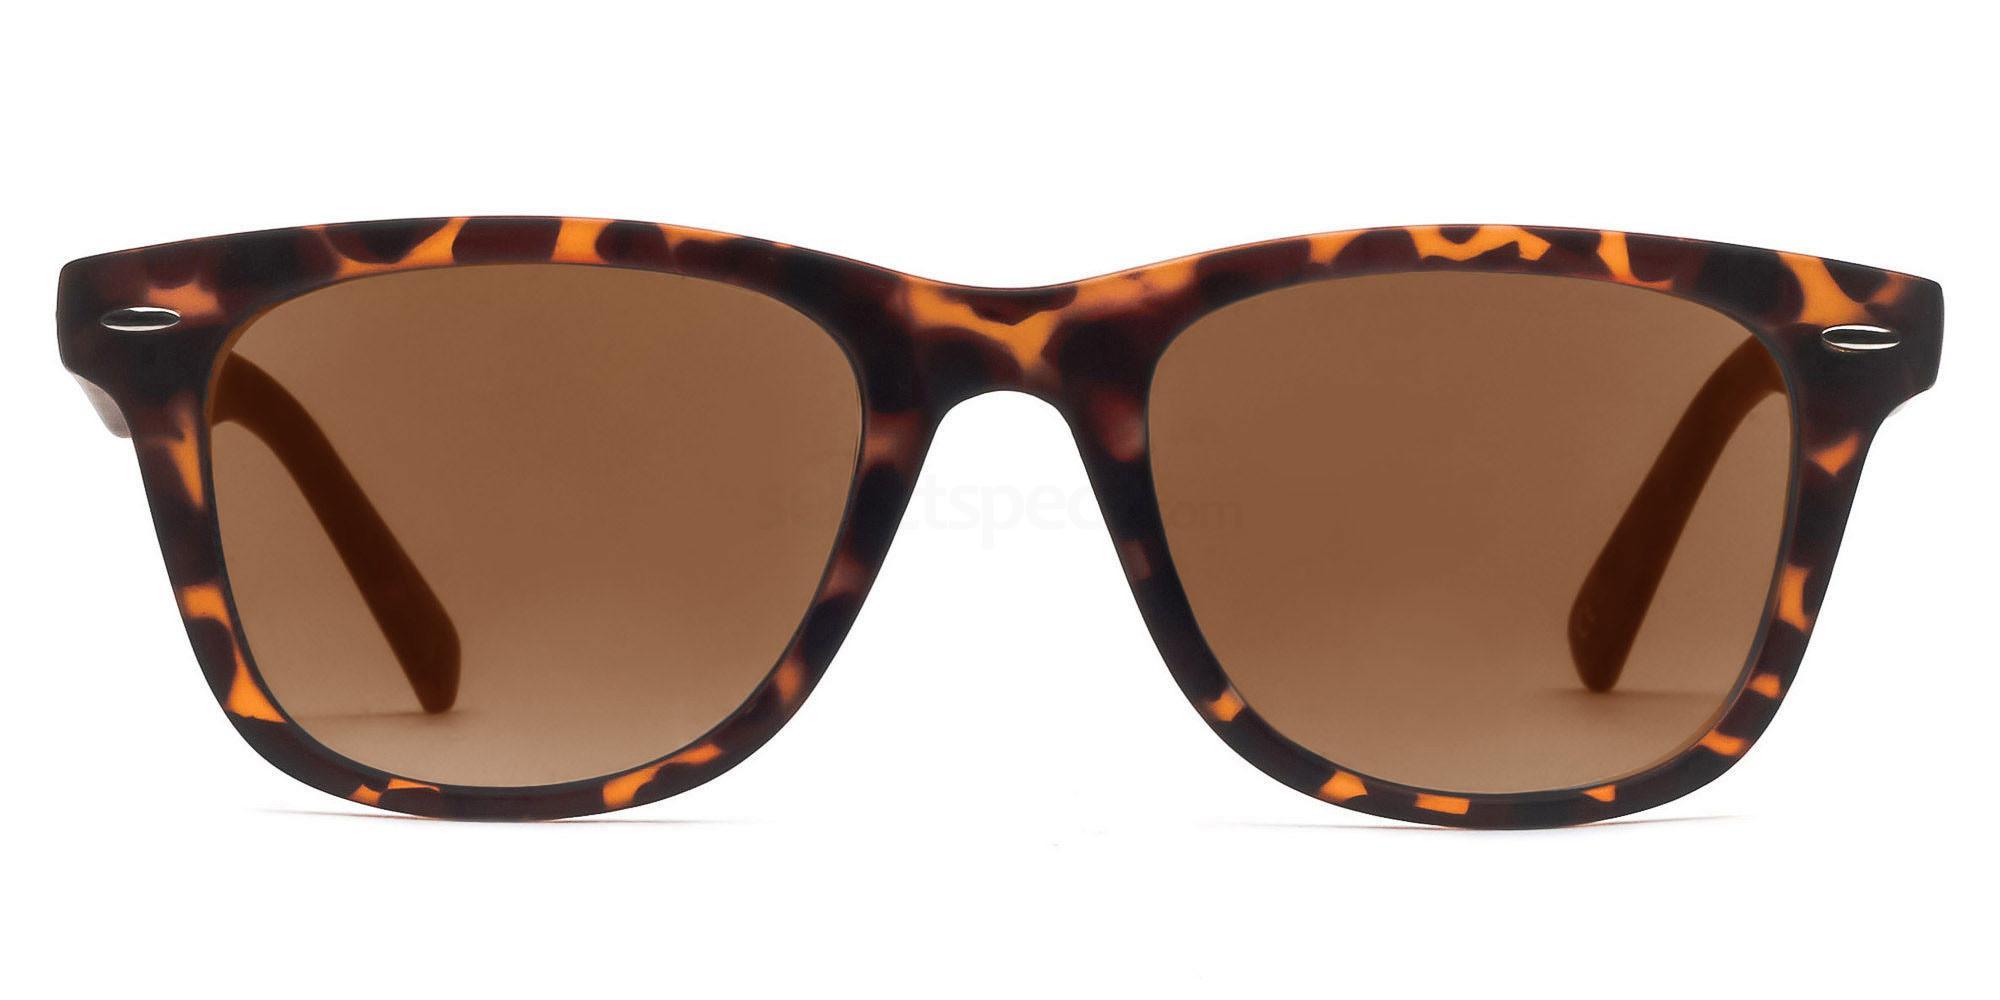 Savannah_8121_tortoise_sunglasses